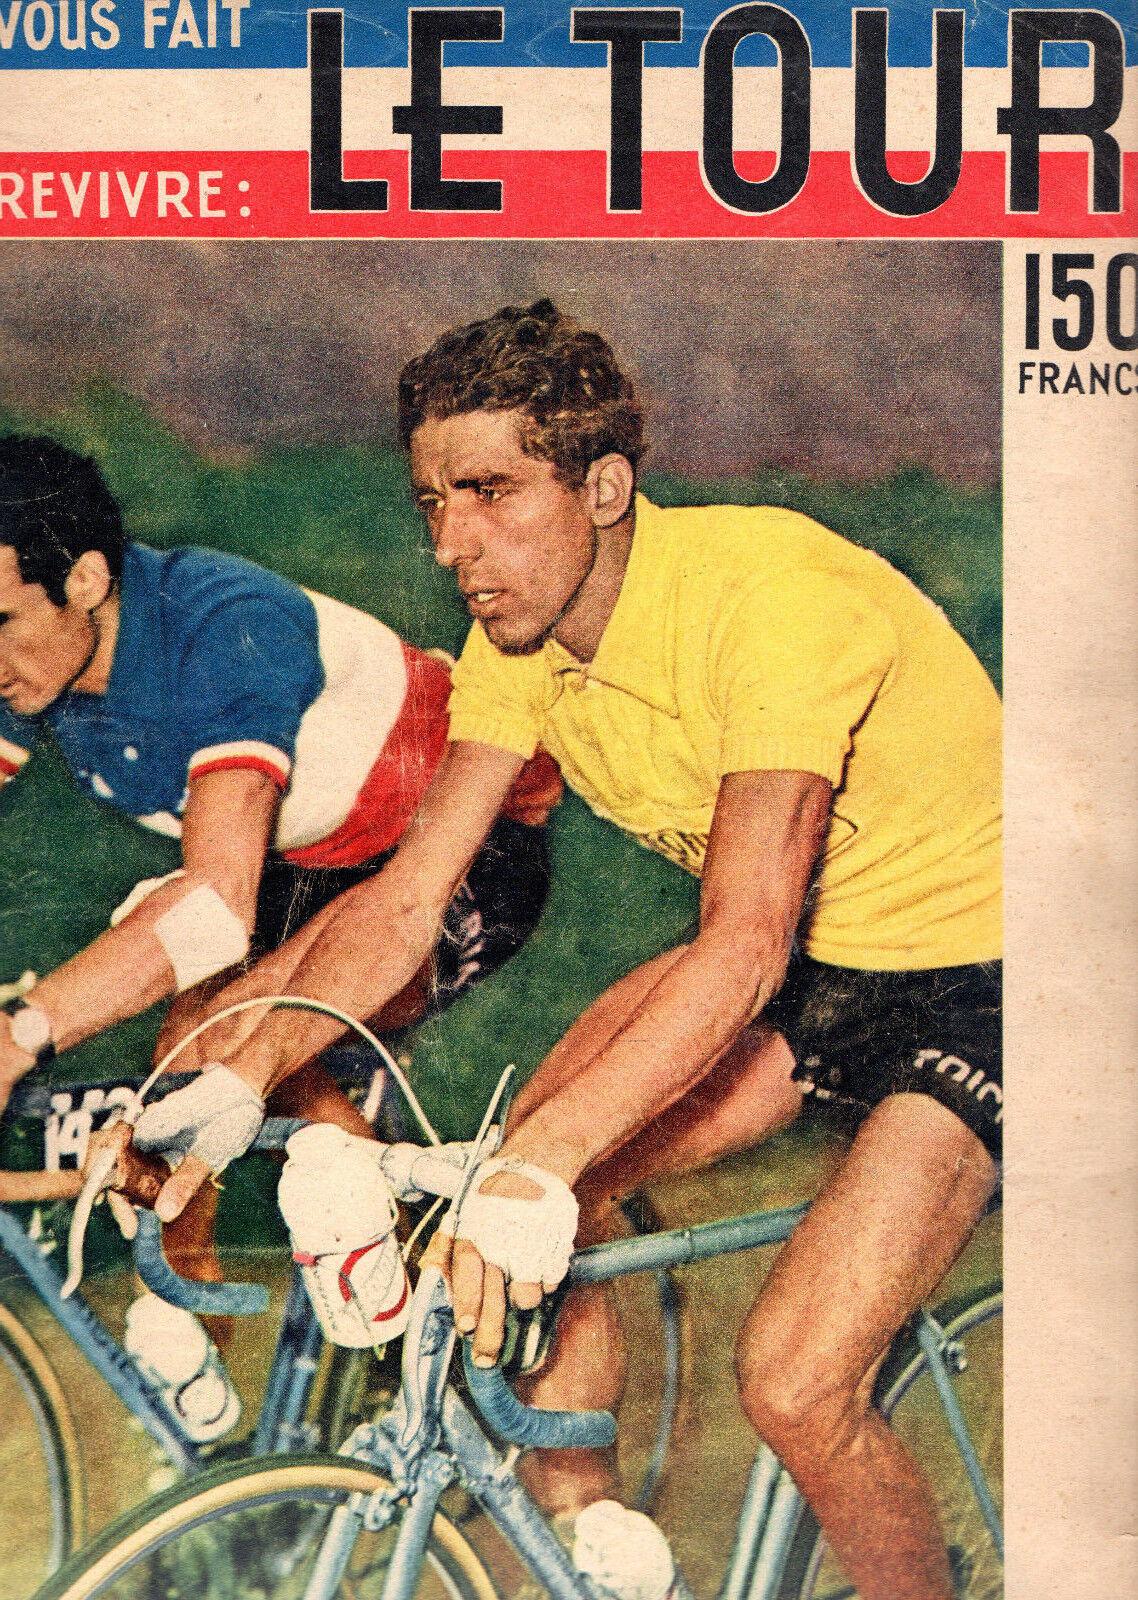 CYCLISME - CICLISMO CICLISMO CICLISMO - WIELRENNEN  - LE TOUR DE FRANCE 1959 + BUT CLUB MIROIR fecc7e